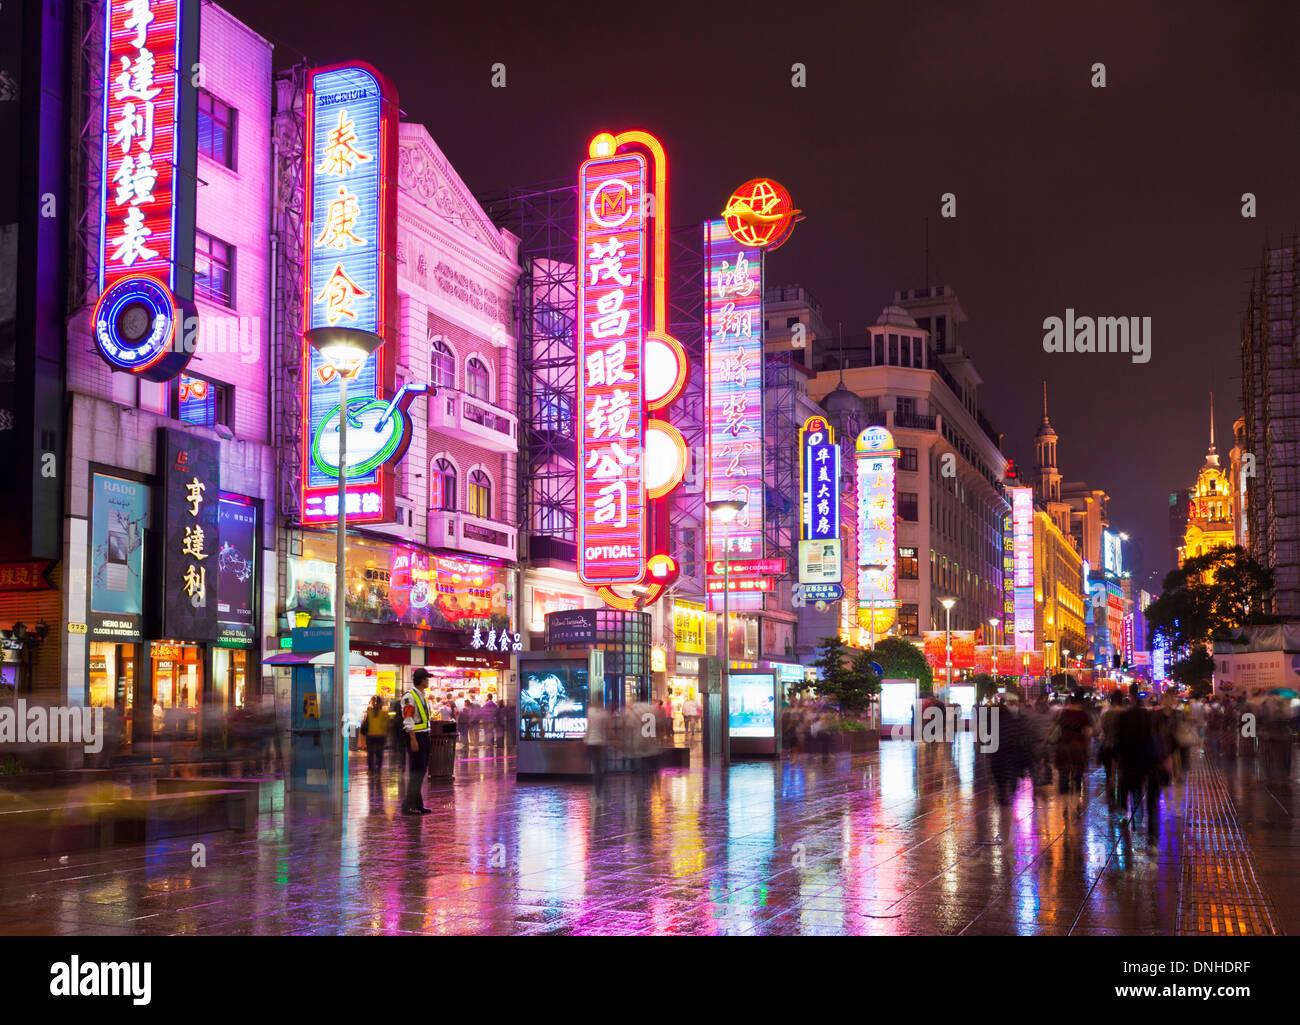 Calle comercial Nanjing Road East Street del centro de la ciudad de Shanghai, República Popular de China, República Popular China, Asia Imagen De Stock